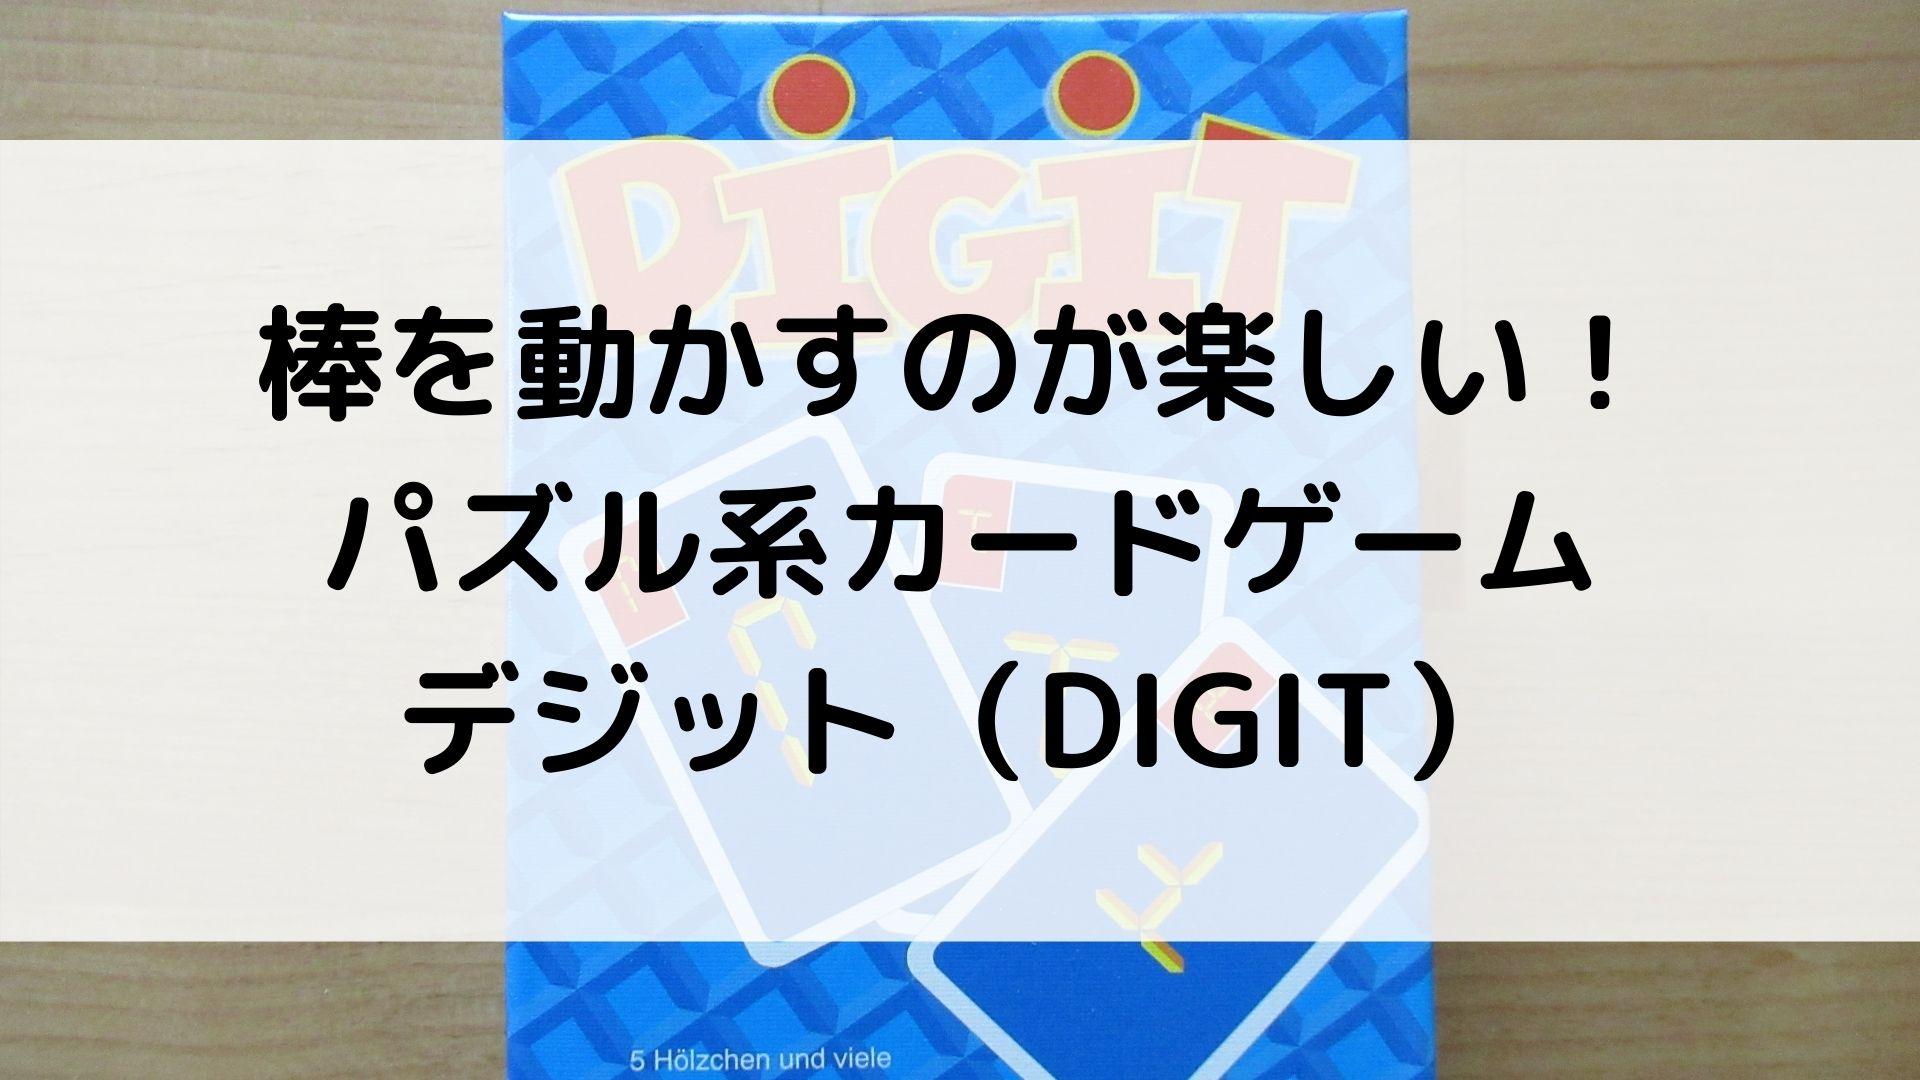 デジット(digit)カードゲーム